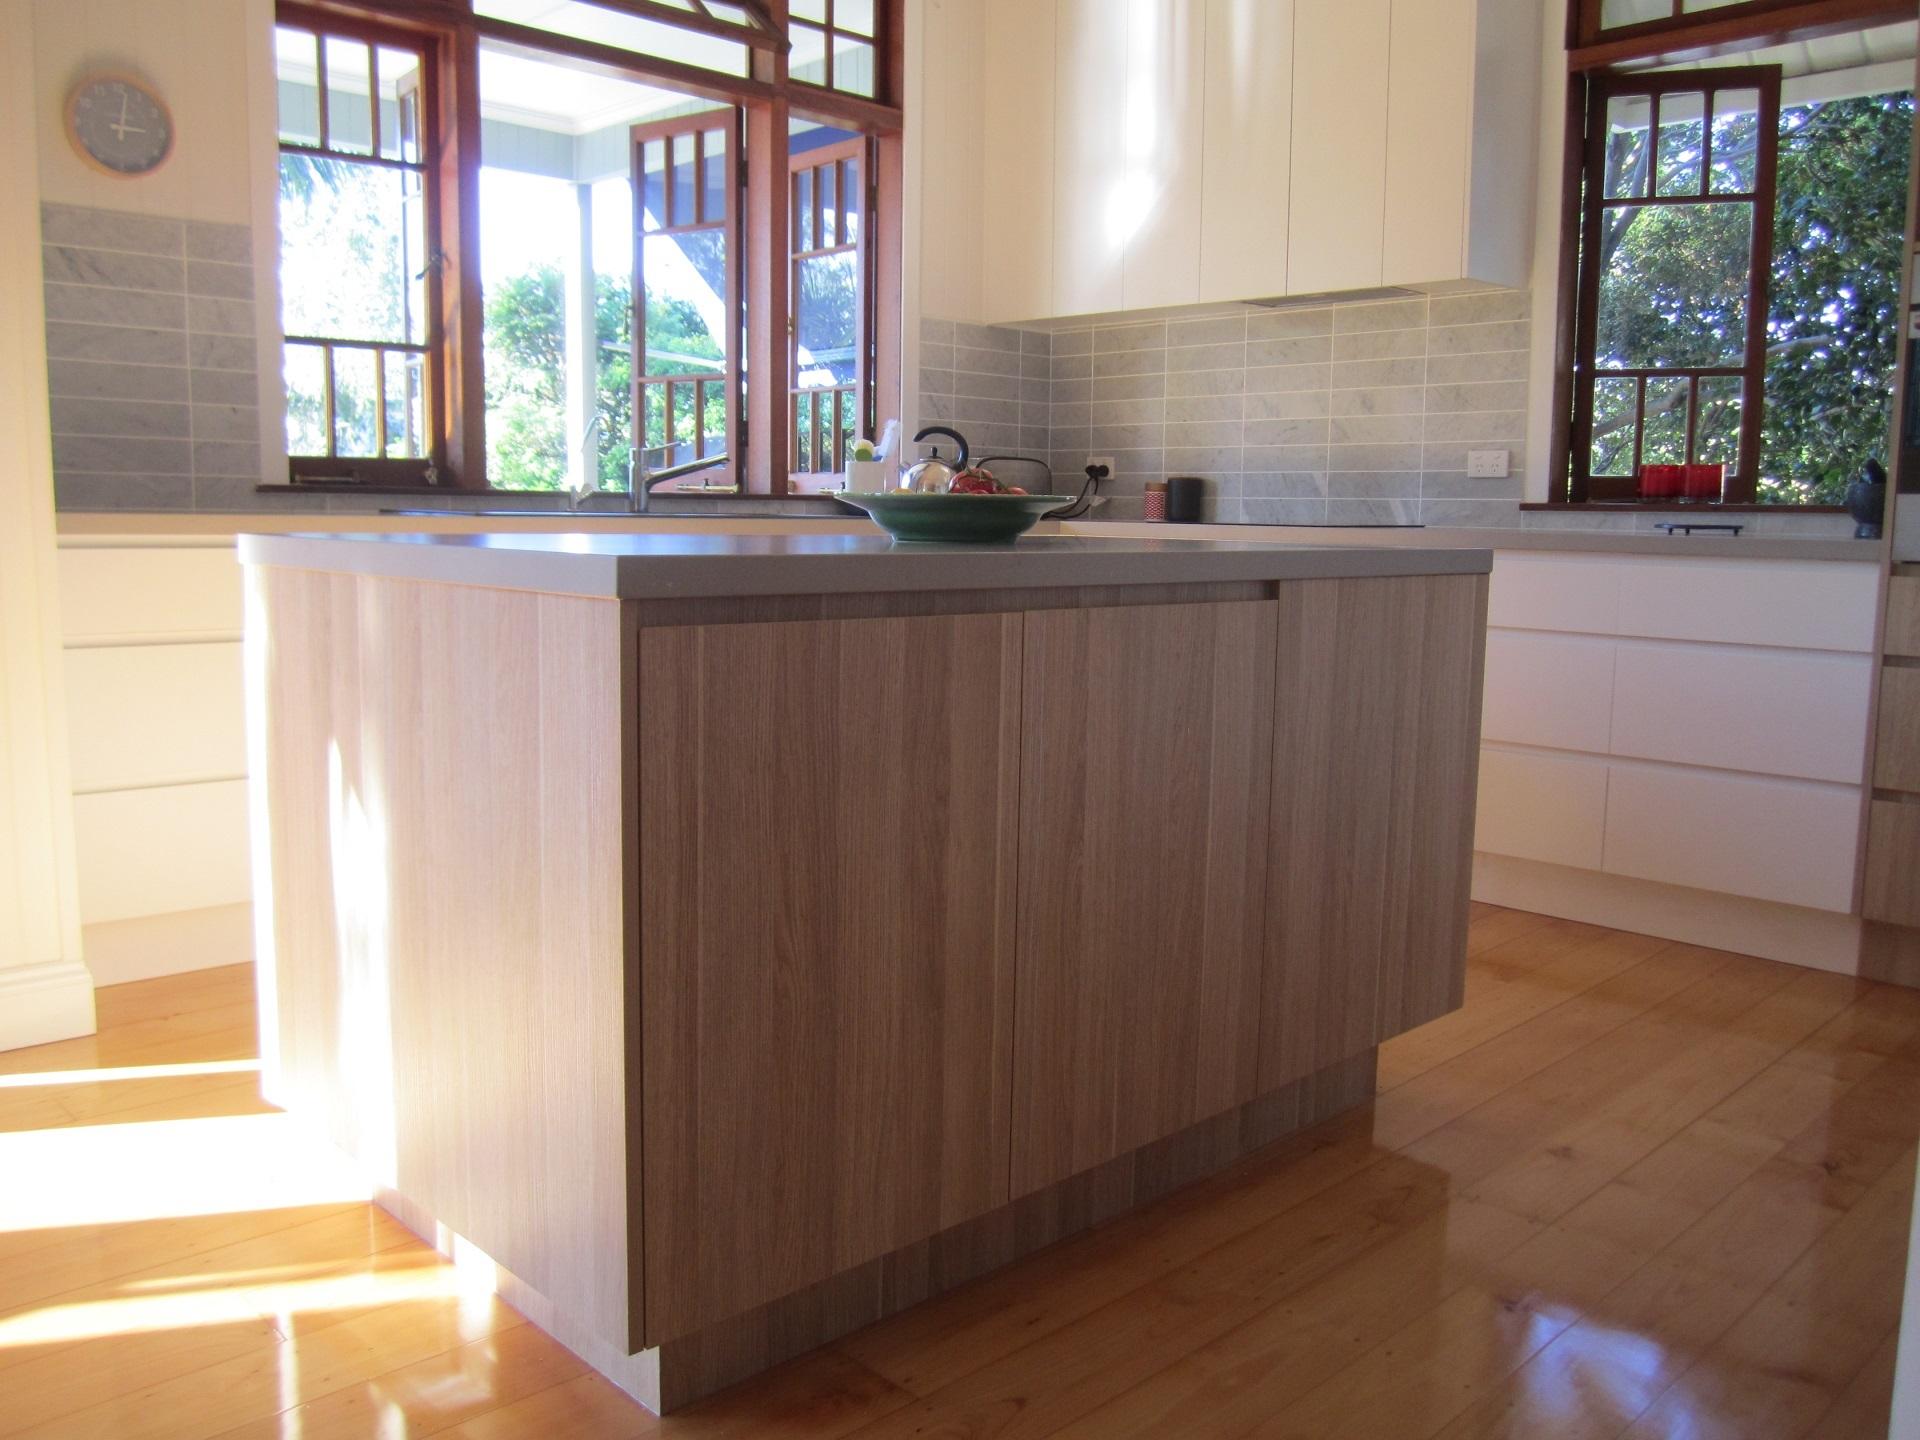 brisbane kitchen design Sherwood Contemporary Kitchen 2 Tone